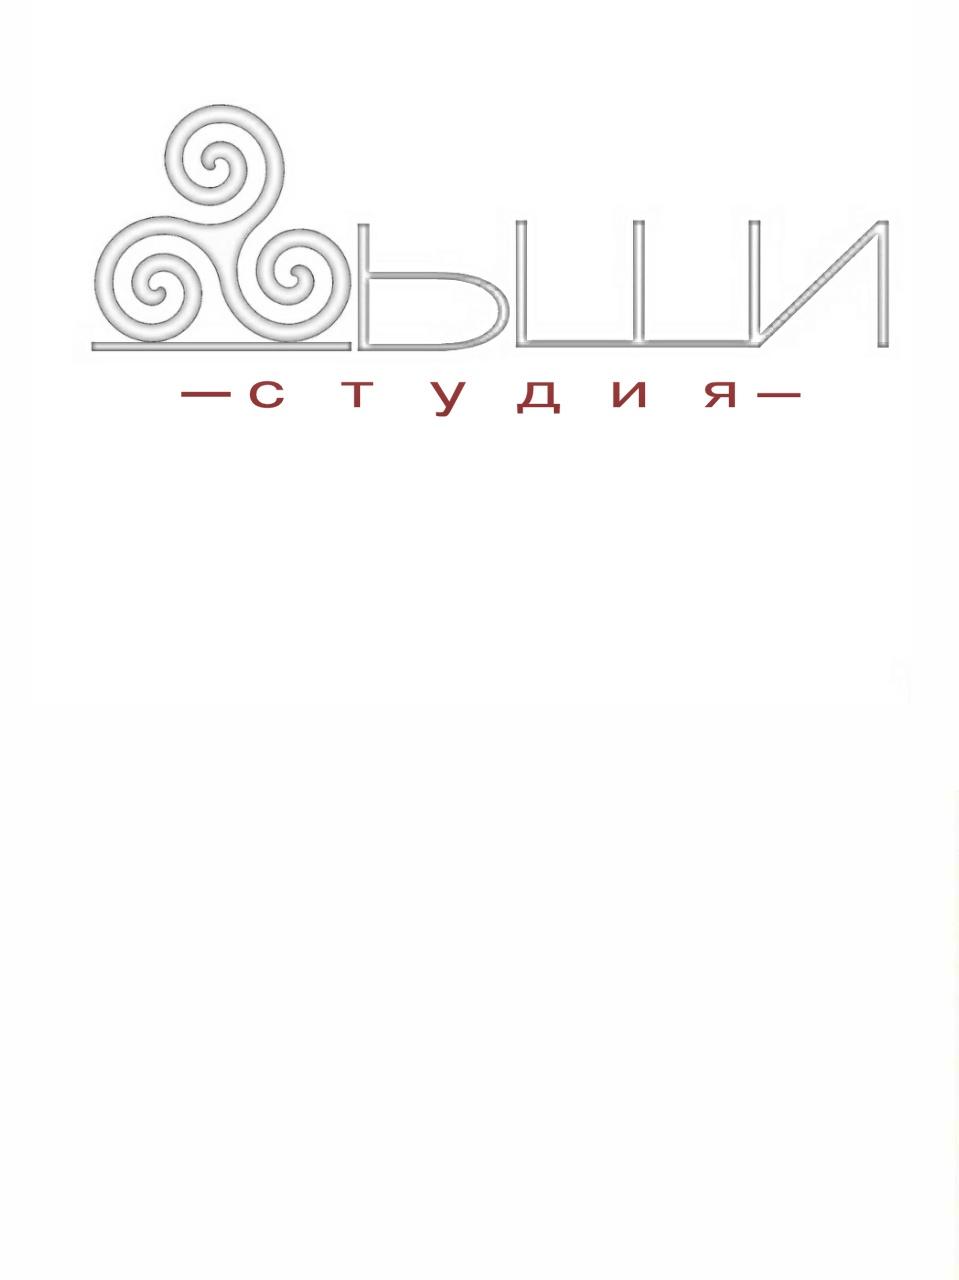 """Логотип для студии """"Дыши""""  и фирменный стиль фото f_91456fc20ce983f4.jpg"""